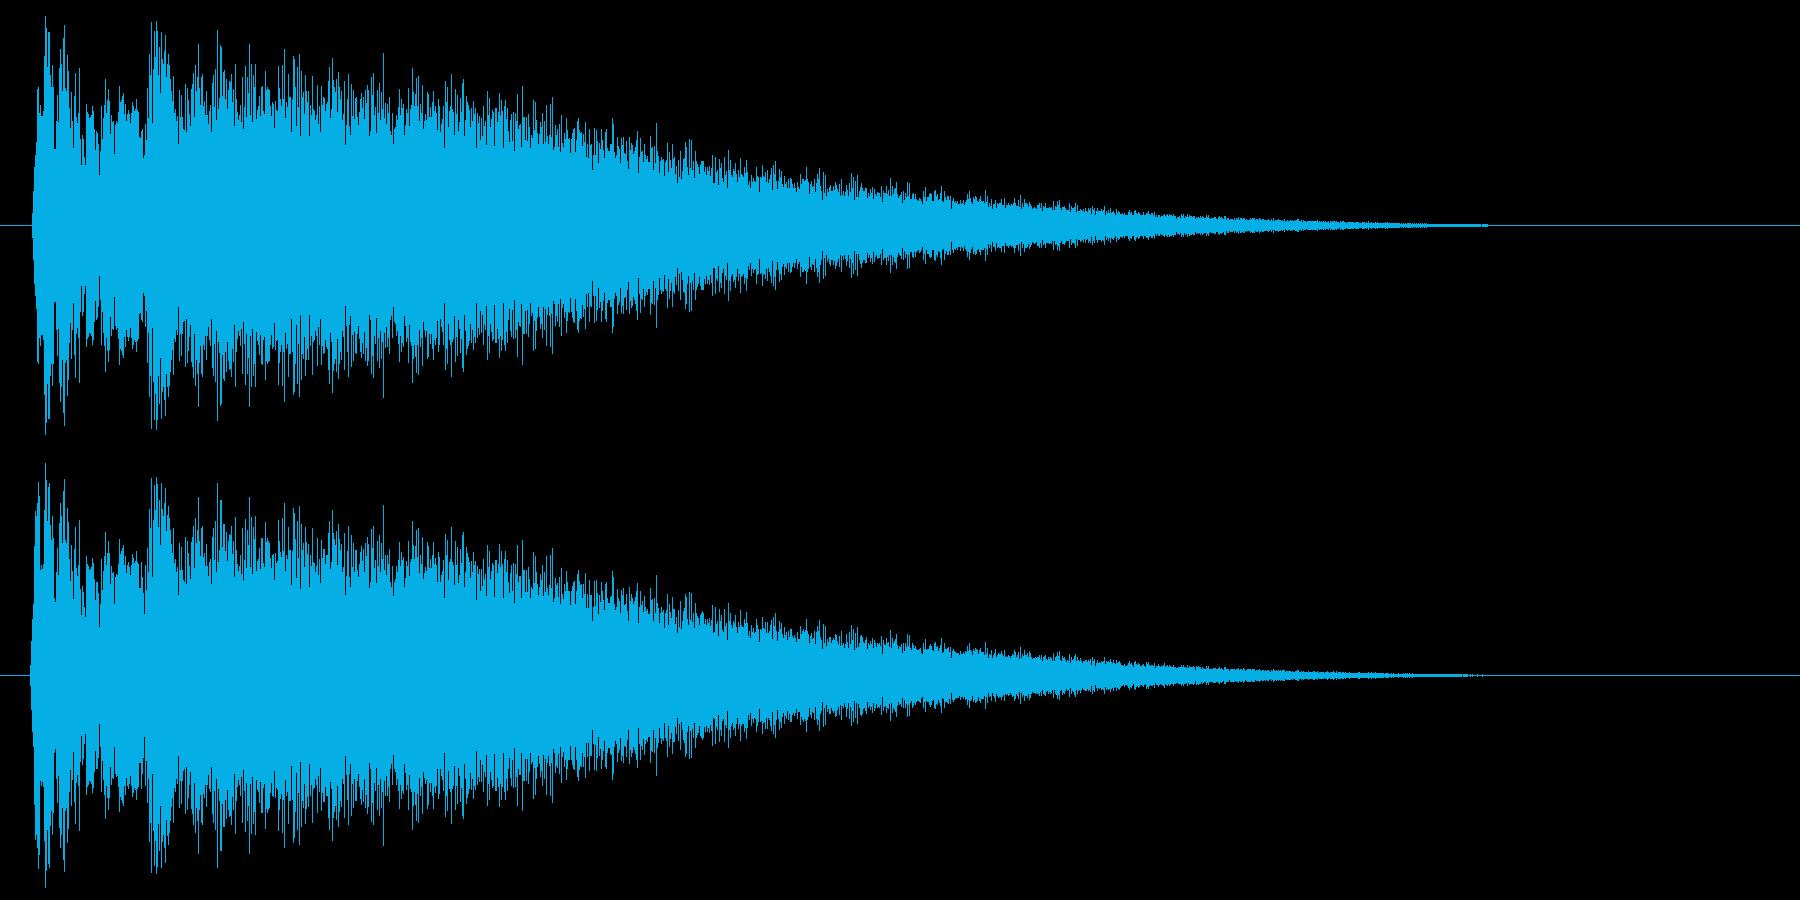 チーン(金属を叩いたときの高音)の再生済みの波形